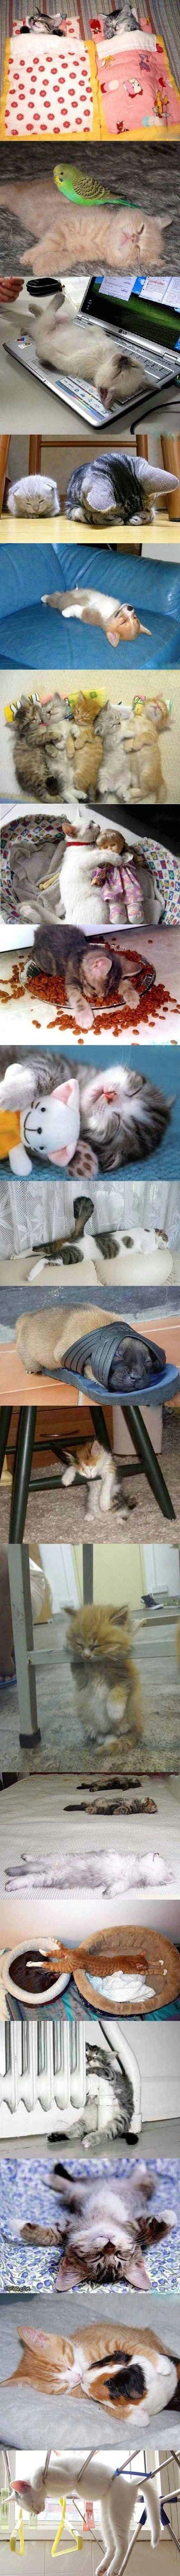 sleep postures